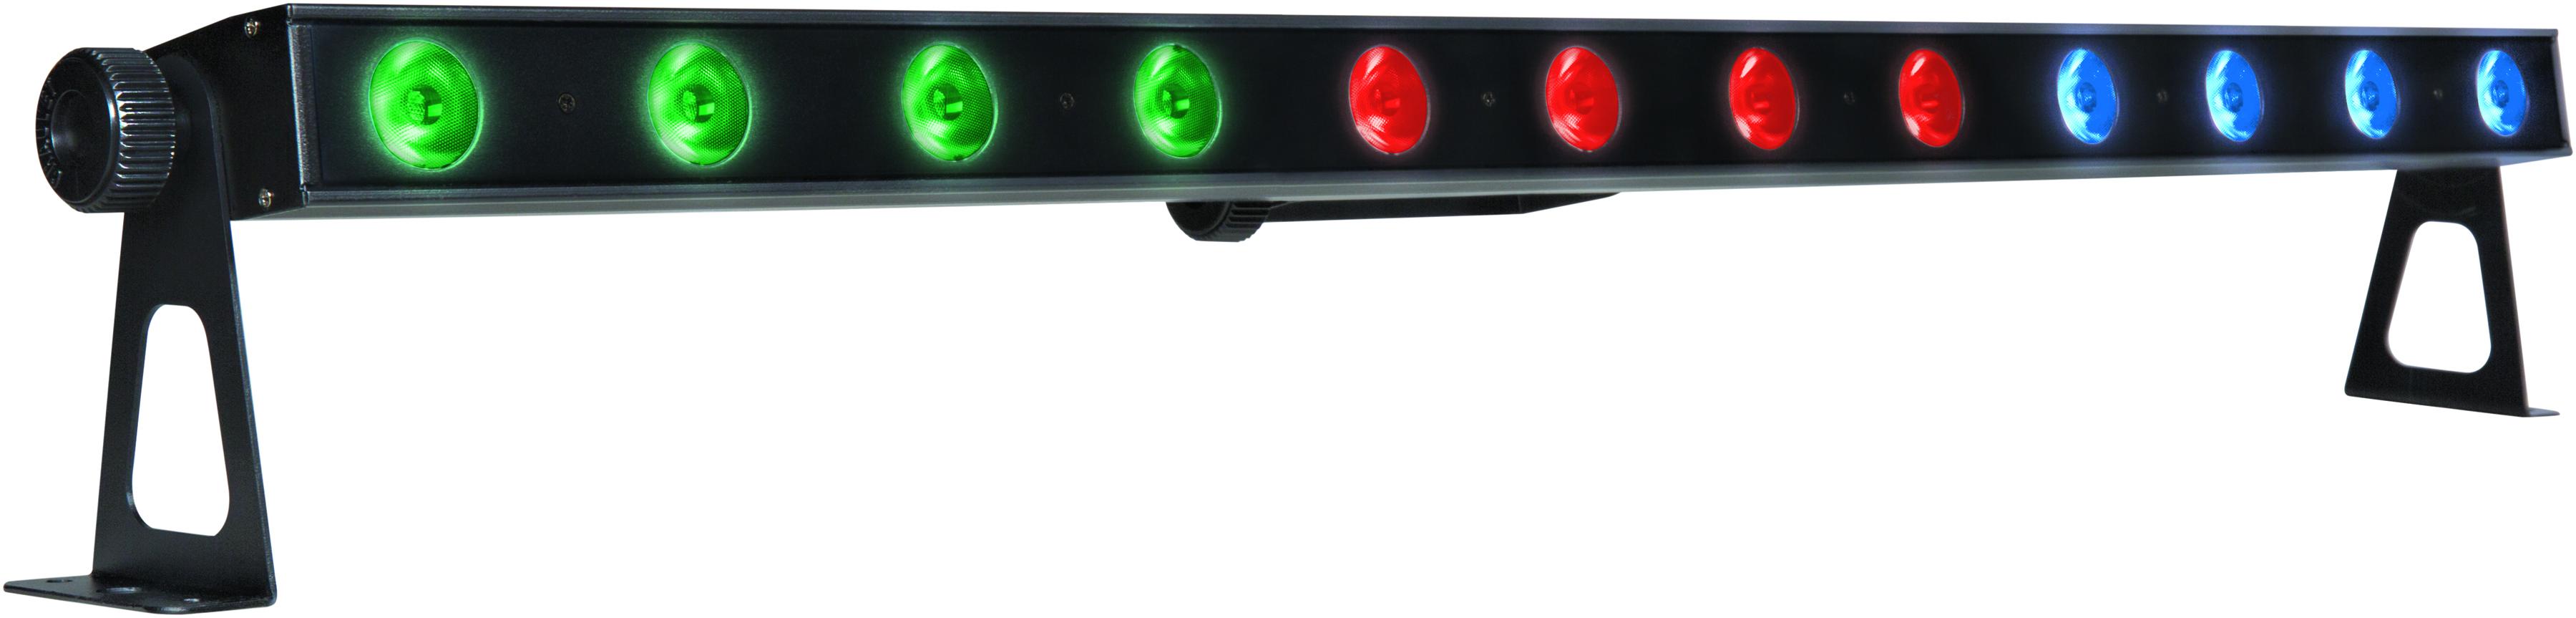 Venue by Proline TriStrip 3Z Tri LED Color Strip